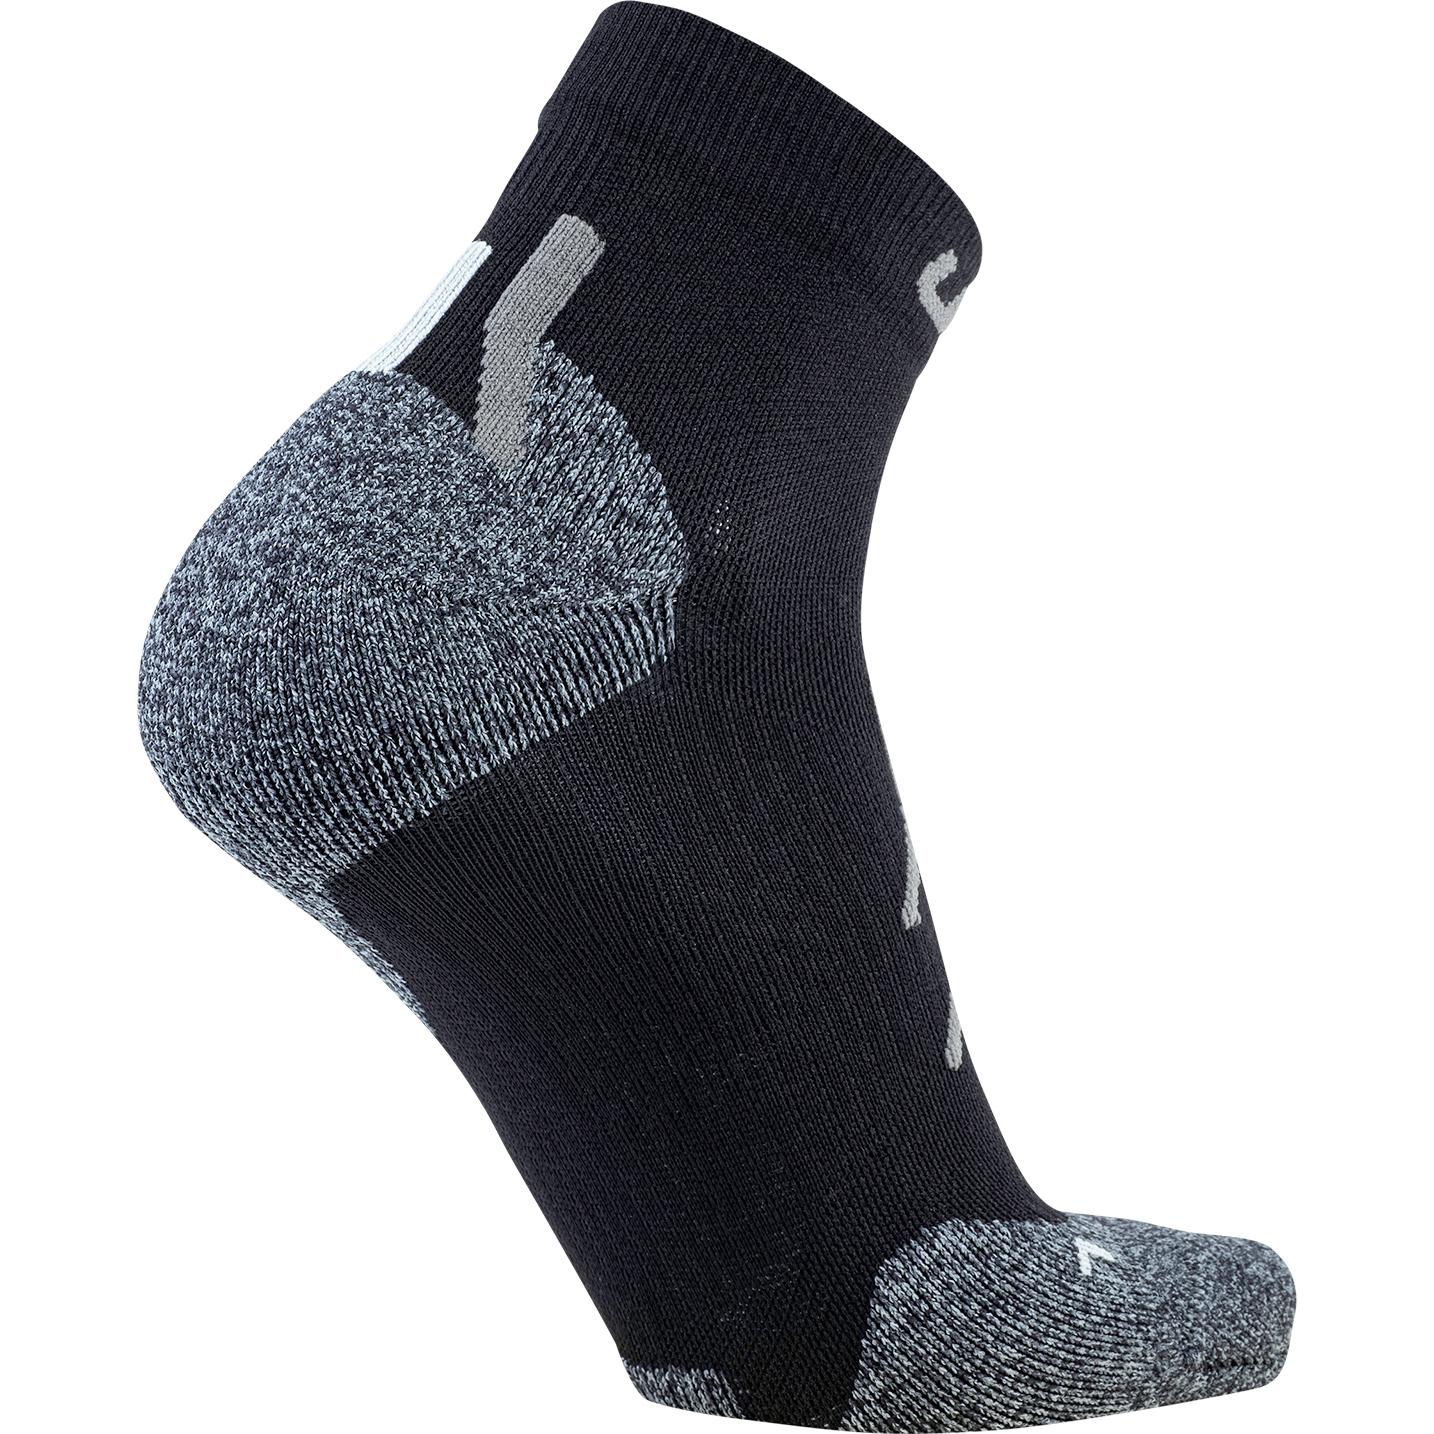 Bild von UYN Herren Trekking Approach Low Cut Socken - Black/Grey